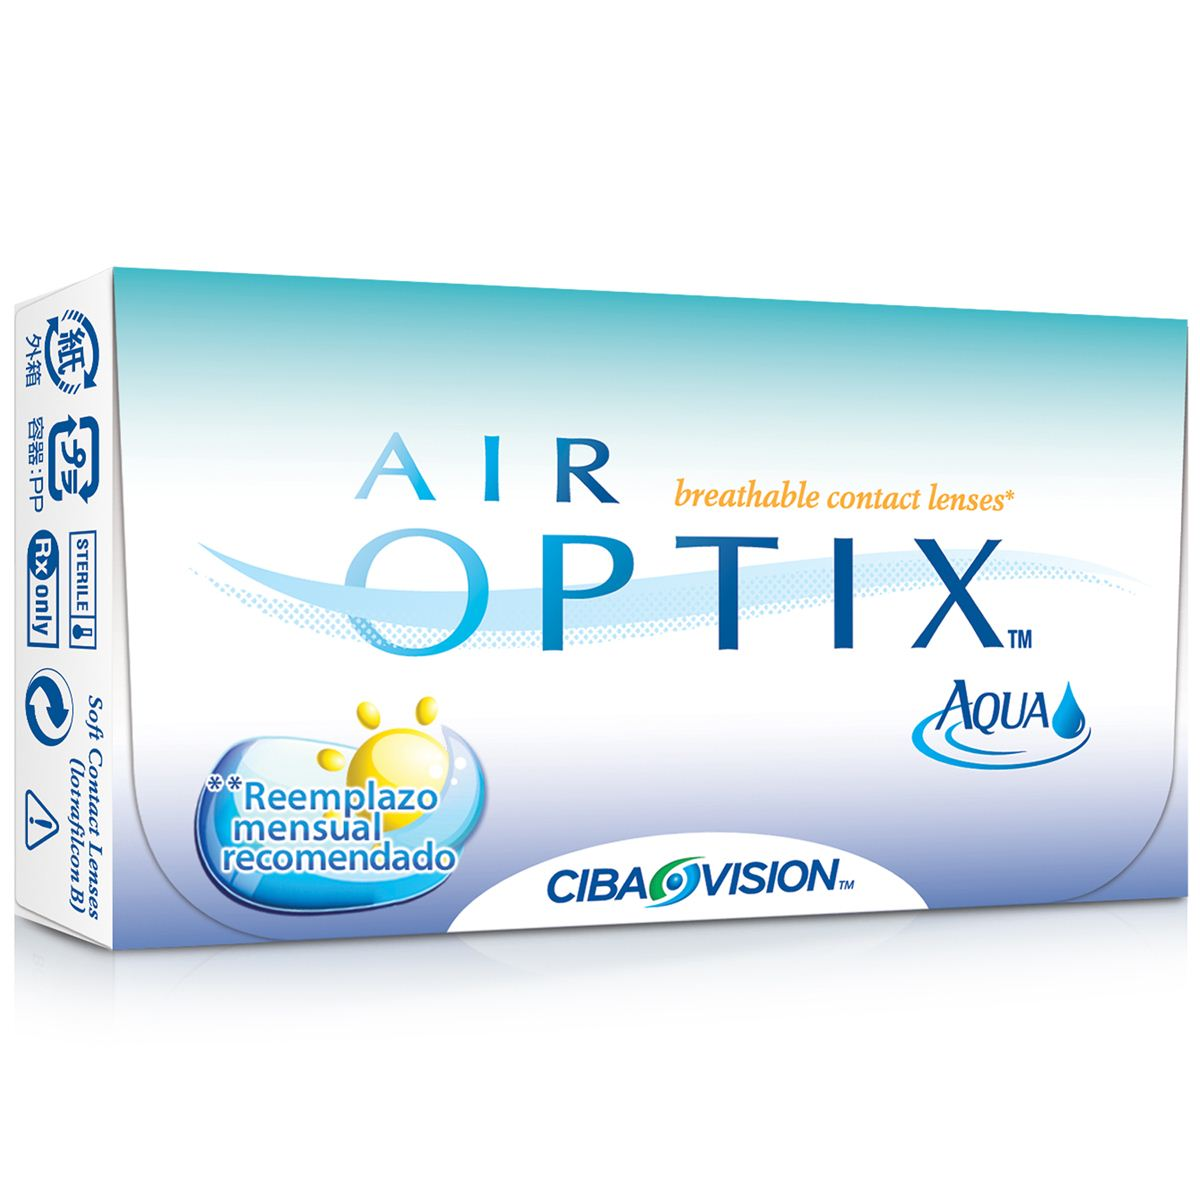 Lentes de contacto airoptix aqua sph 6p 860 142 +01.75  - Sanborns